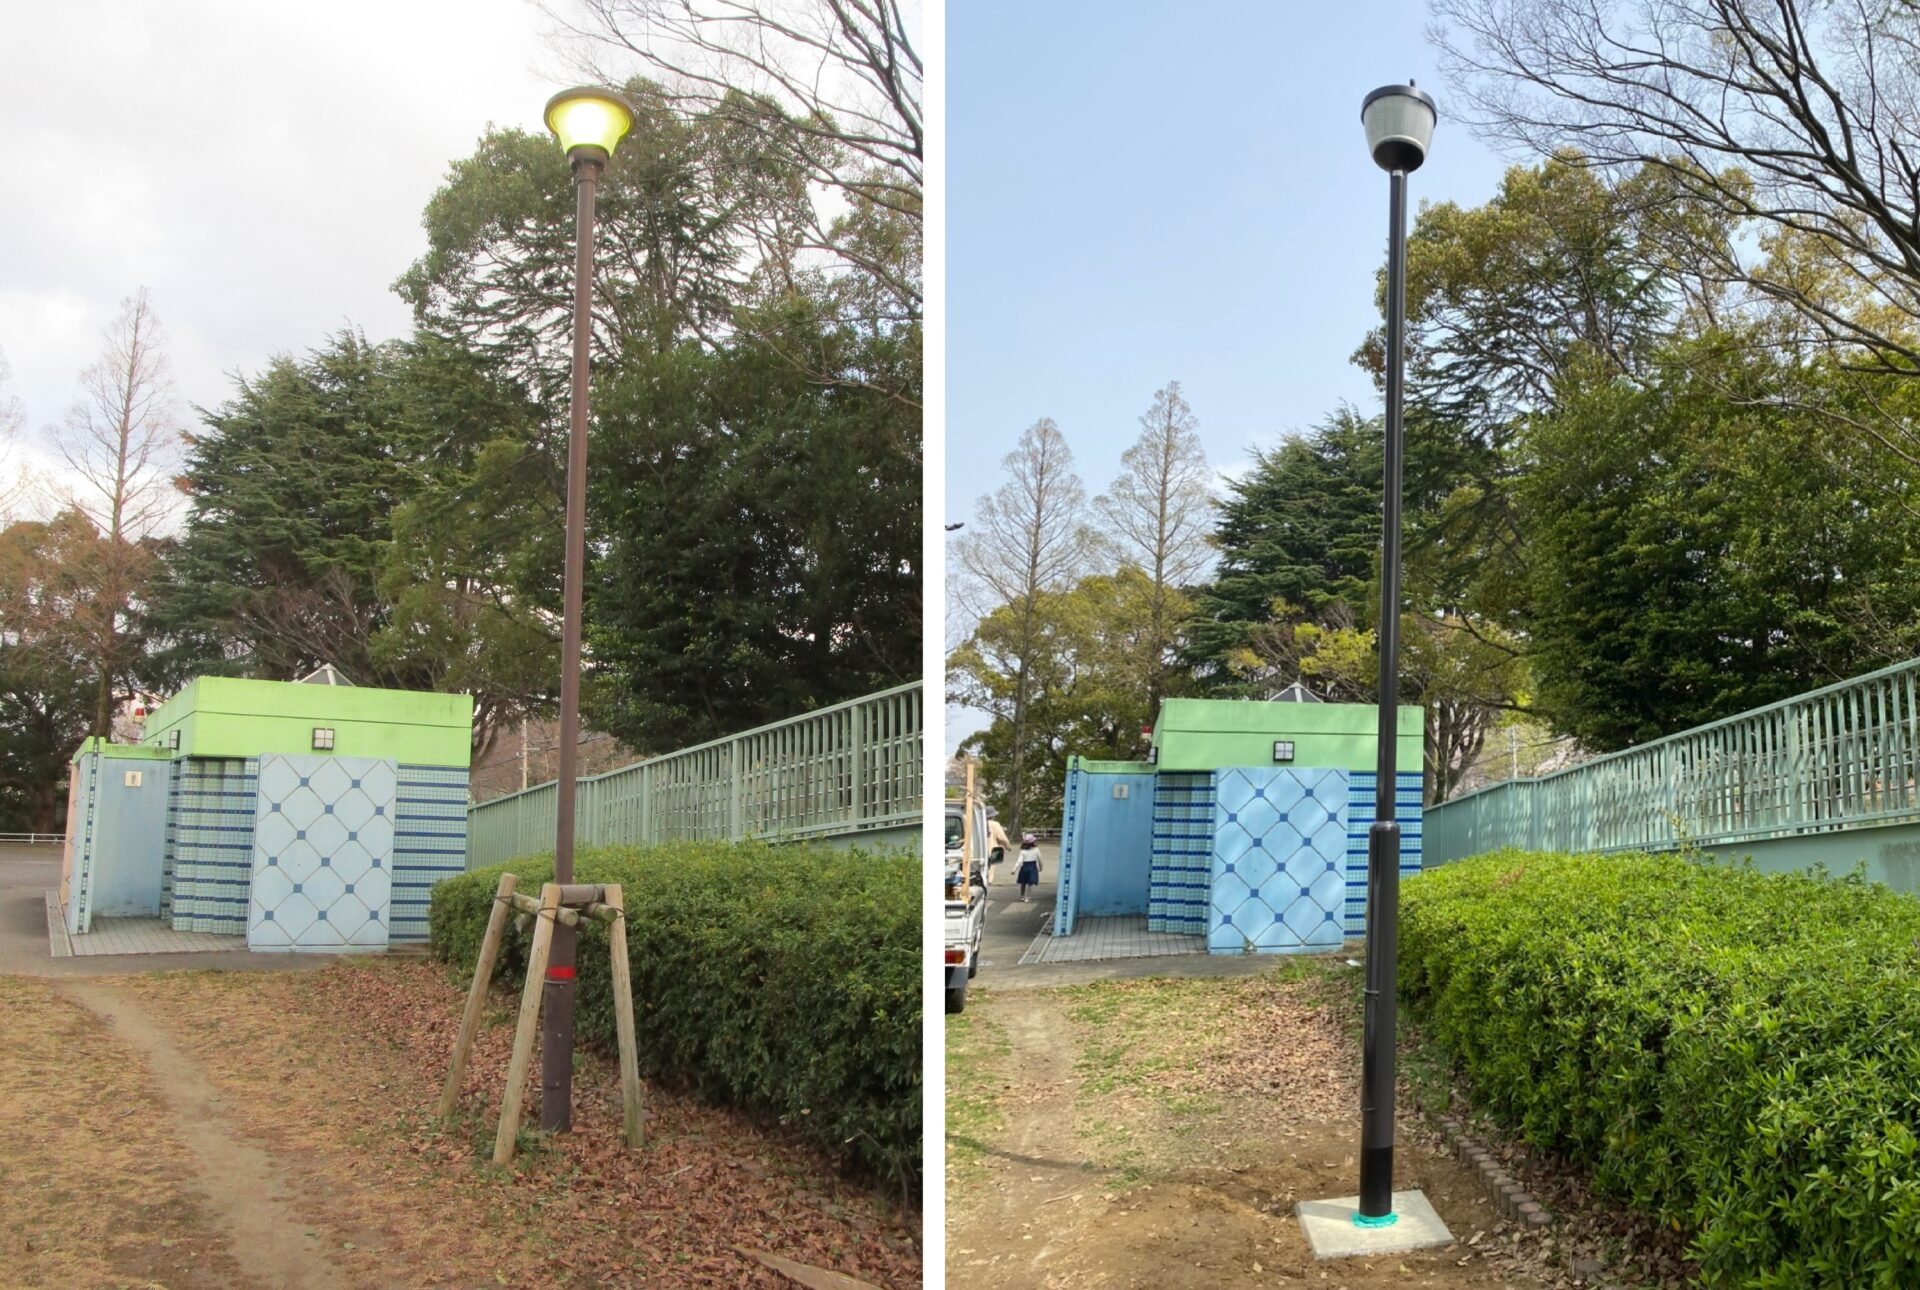 桃園公園照明改修工事(八幡東区役所発注)を施工させて頂きました。